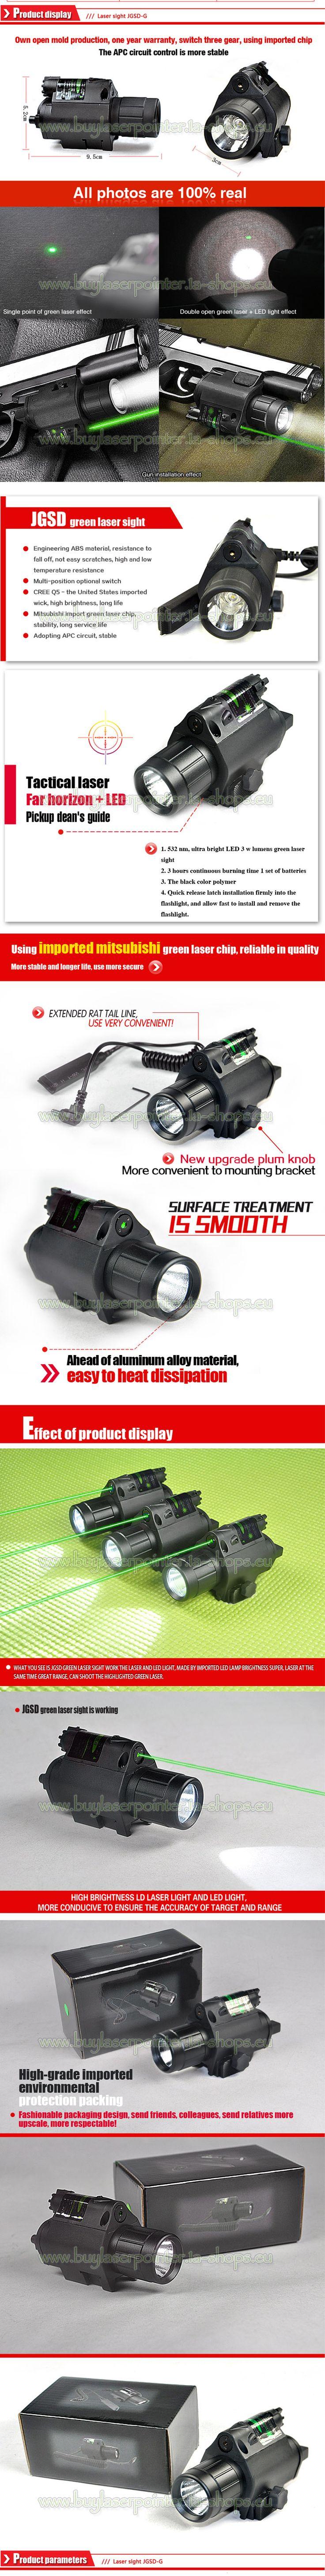 Laservisier Grün Pistole mit LED Lampe